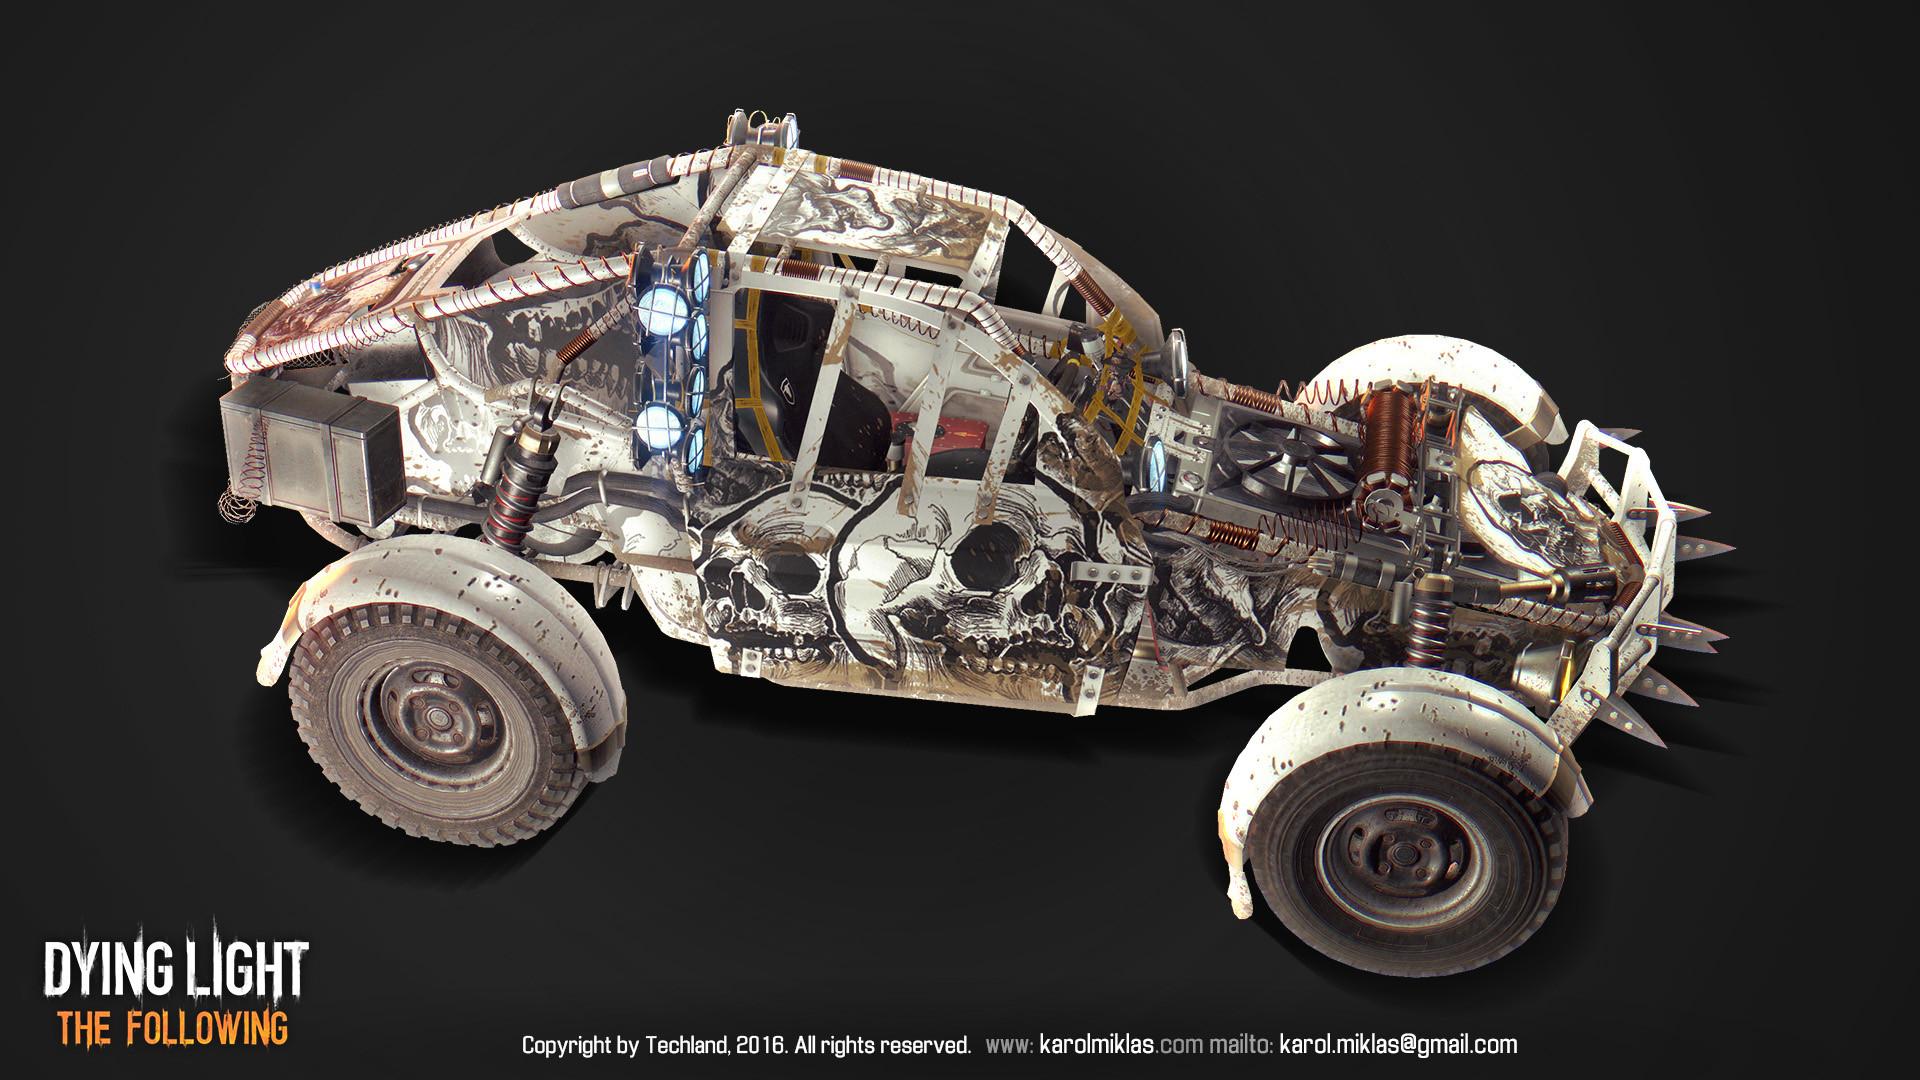 karol-miklas-buggy-skin-1.jpg